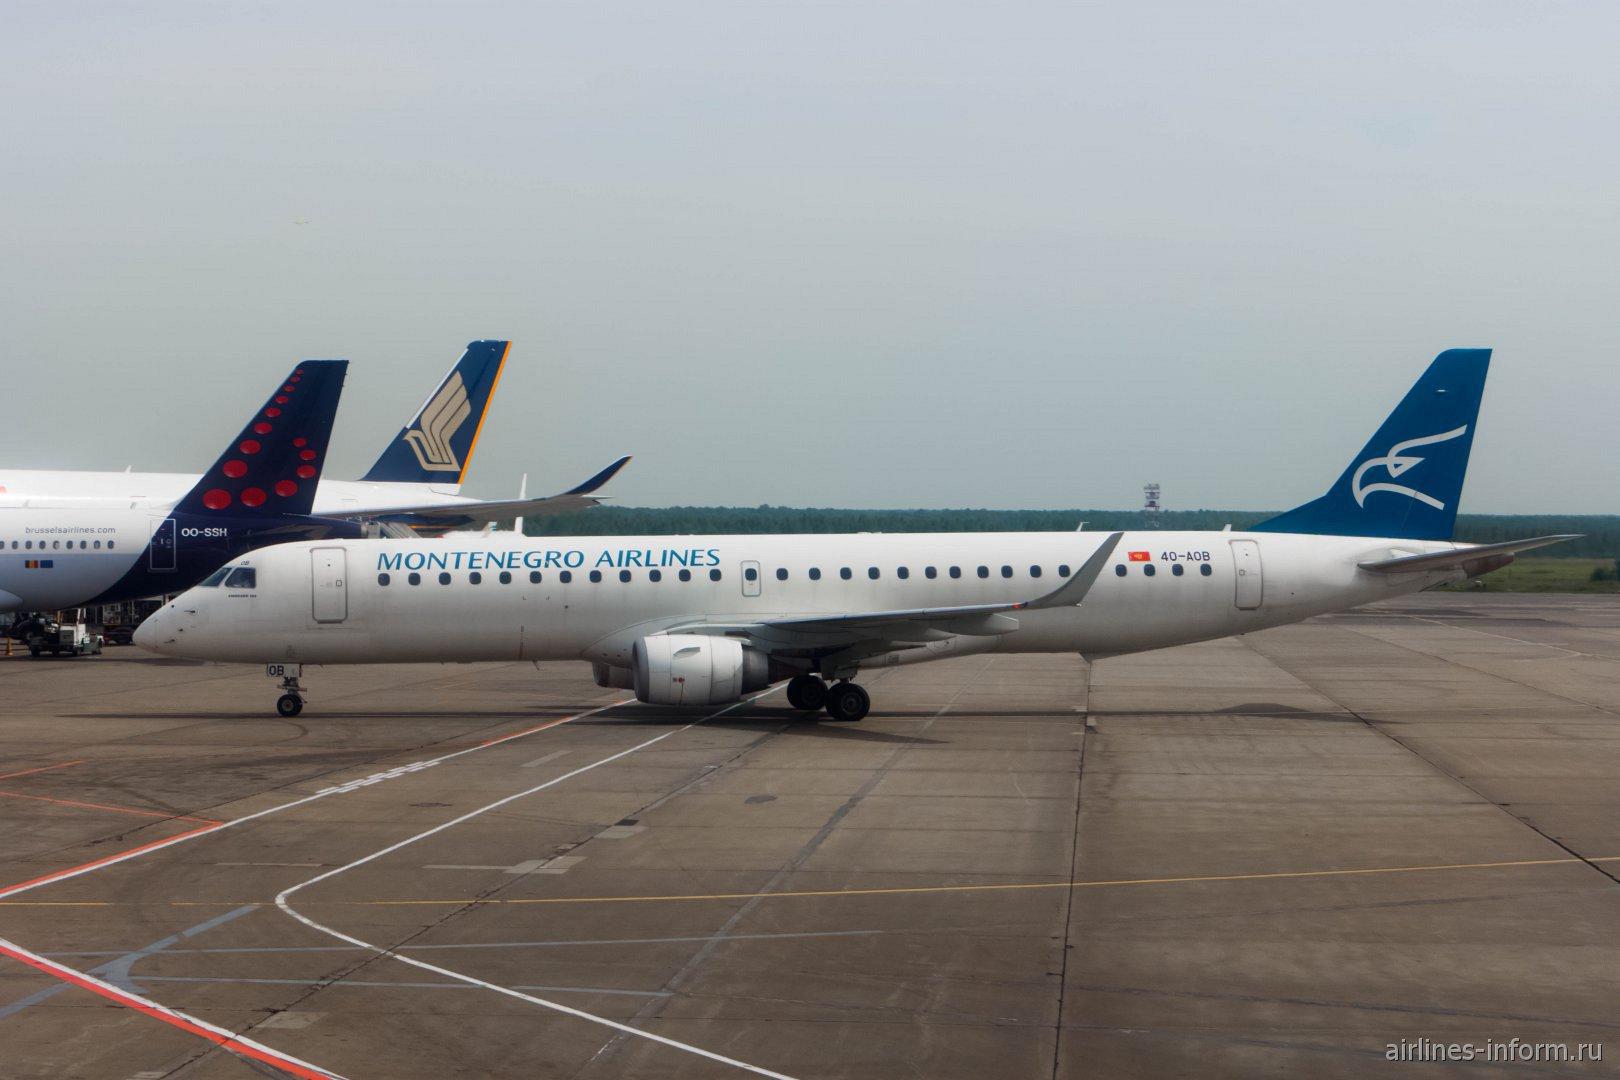 Embraer 195 авиакомпании Montenegro Airlines в аэропорту Домодедово